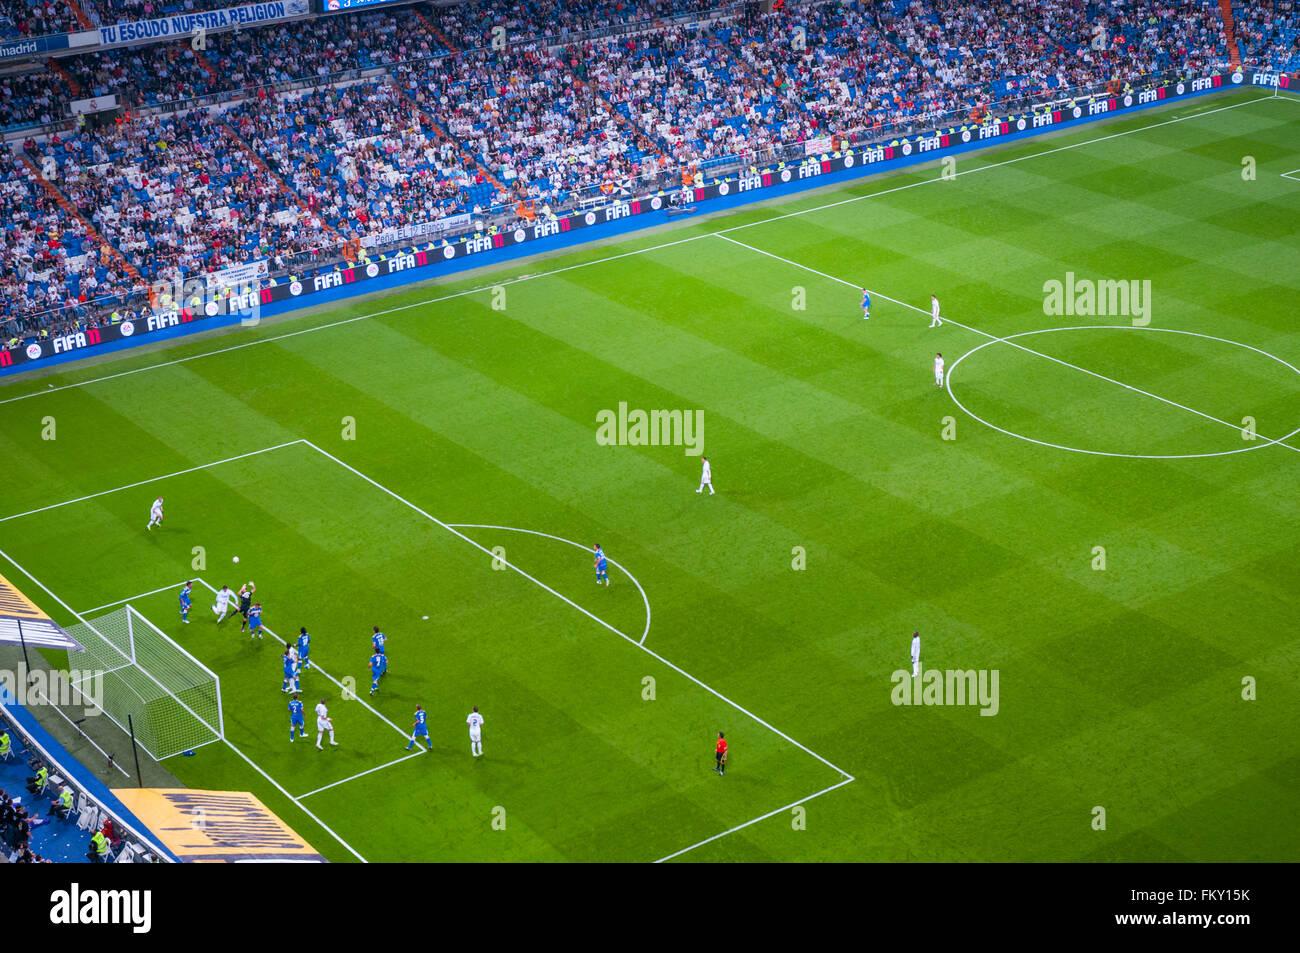 Fußballer spielen ein Fußballspiel. Santiago-Bernabéu-Stadion, Madrid, Spanien. Stockbild